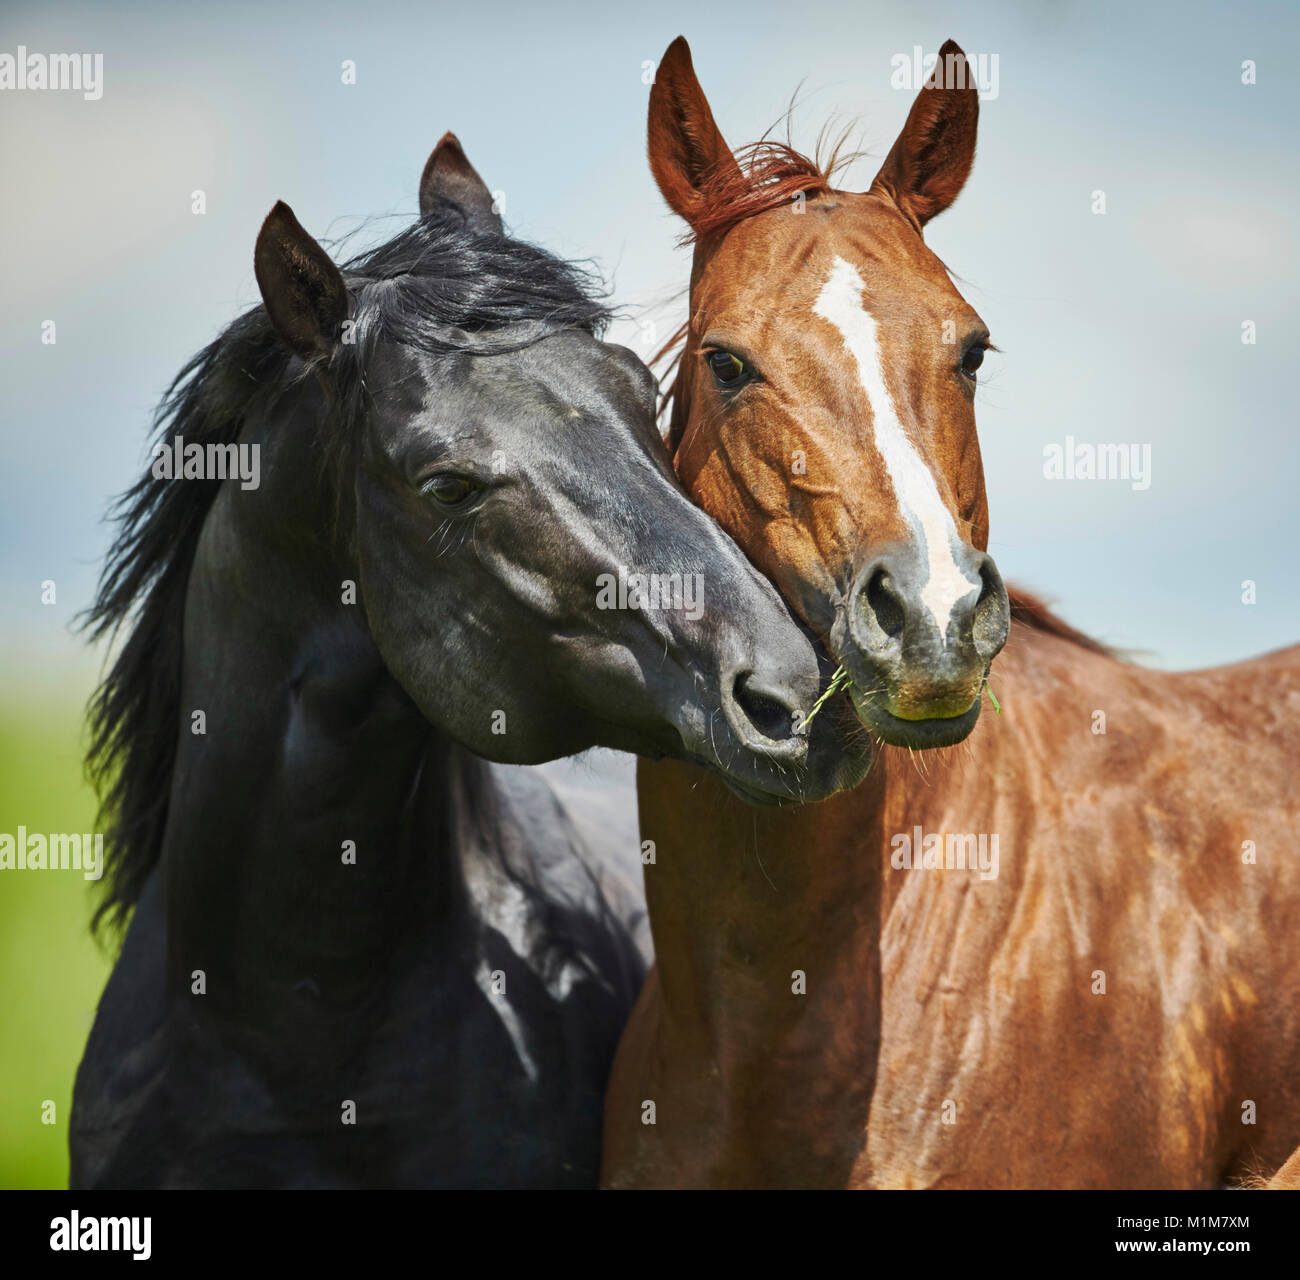 American Quarter Horse. Une cour pour l'étalon noir une jument alezane sur un pré. Allemagne Photo Stock